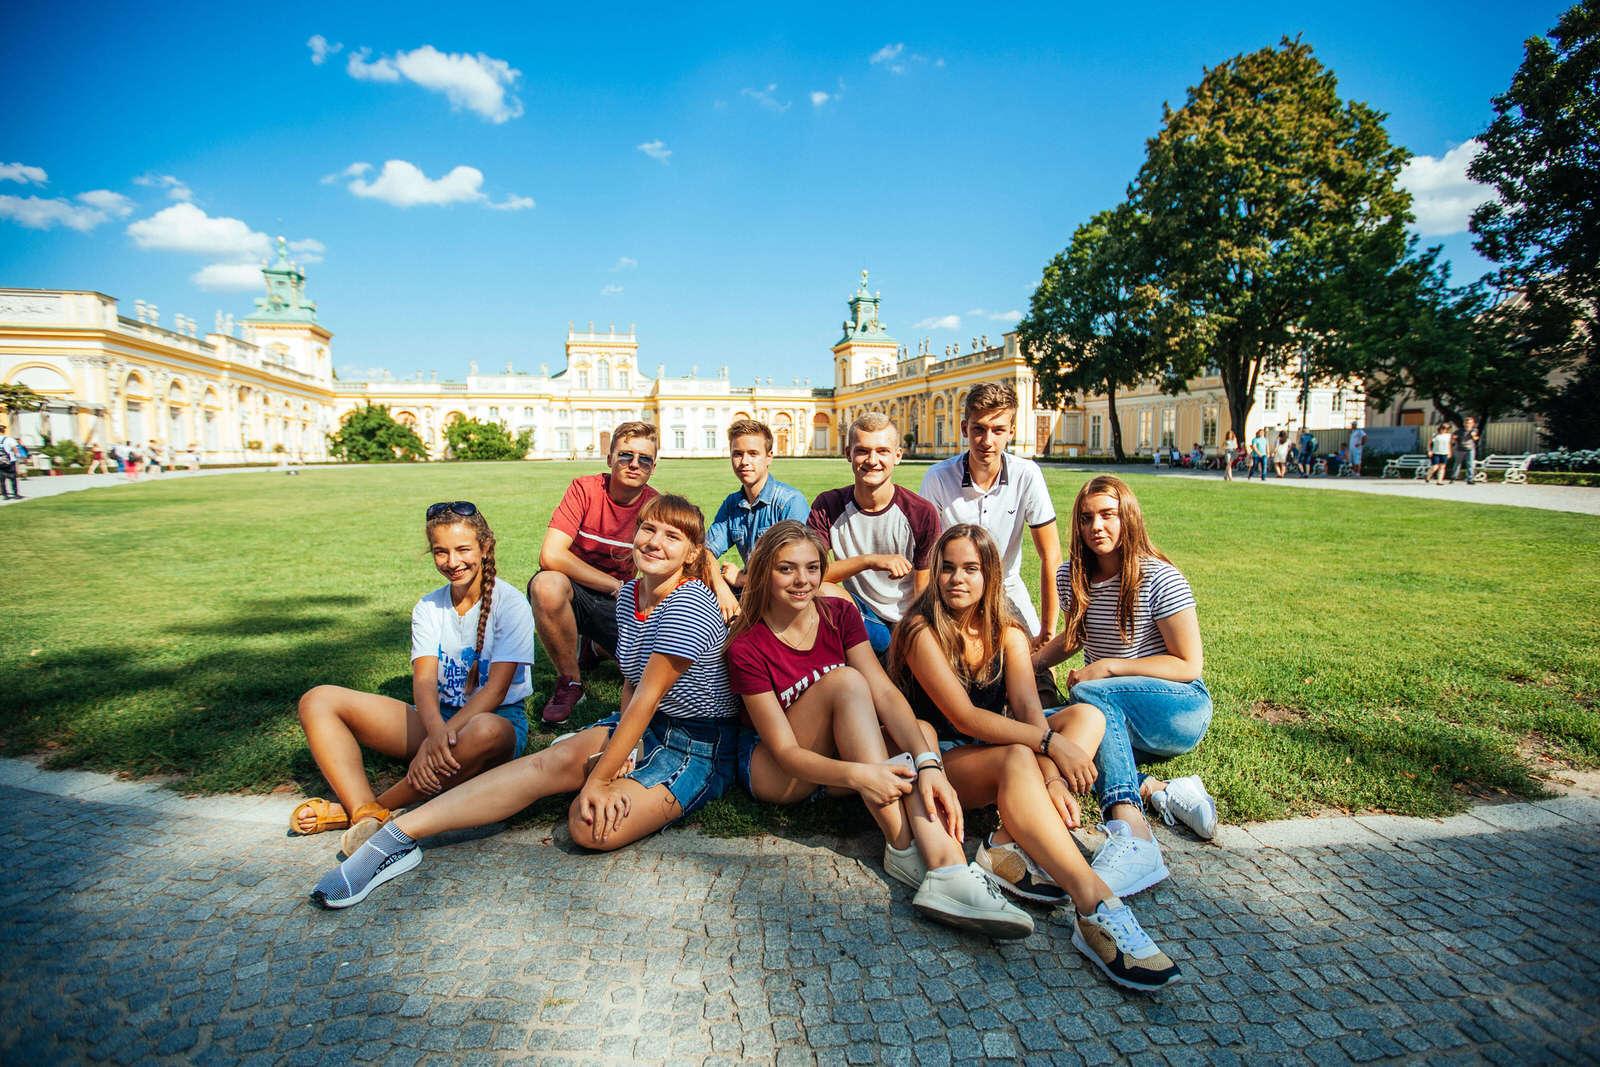 Літній інтенсив: як пройти демоверсію студентського життя - UniverPL